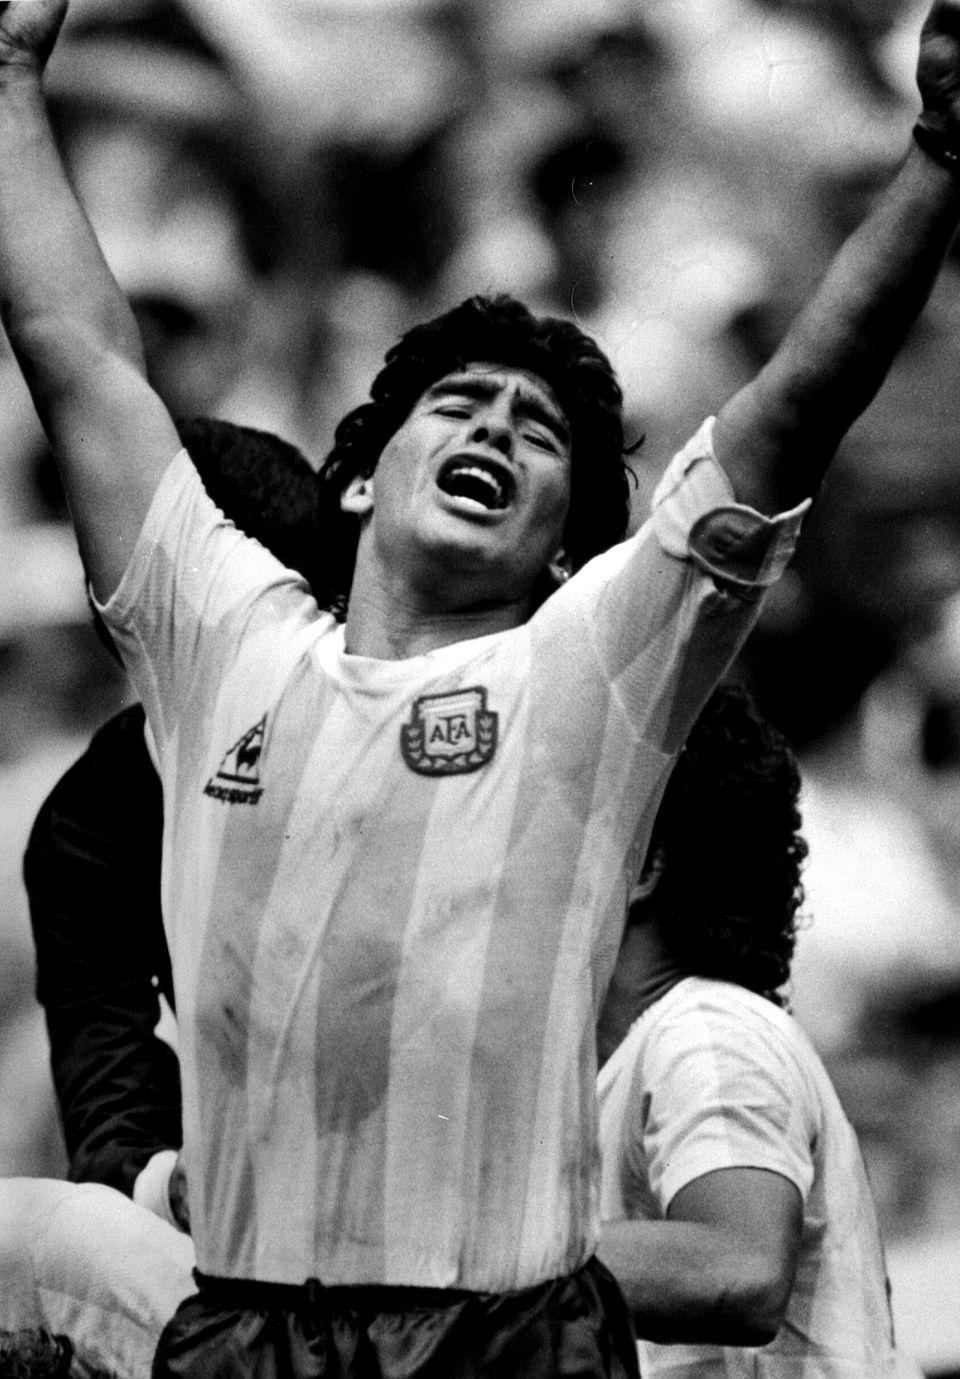 1986 멕시코 월드컵 결승전 아르헨티나 대 서독 경기에서 디에고 마라도나가 동료 호르헤 부르차가의 결승골에 환호하고 있다. 멕시코시티, 멕시코. 1986년